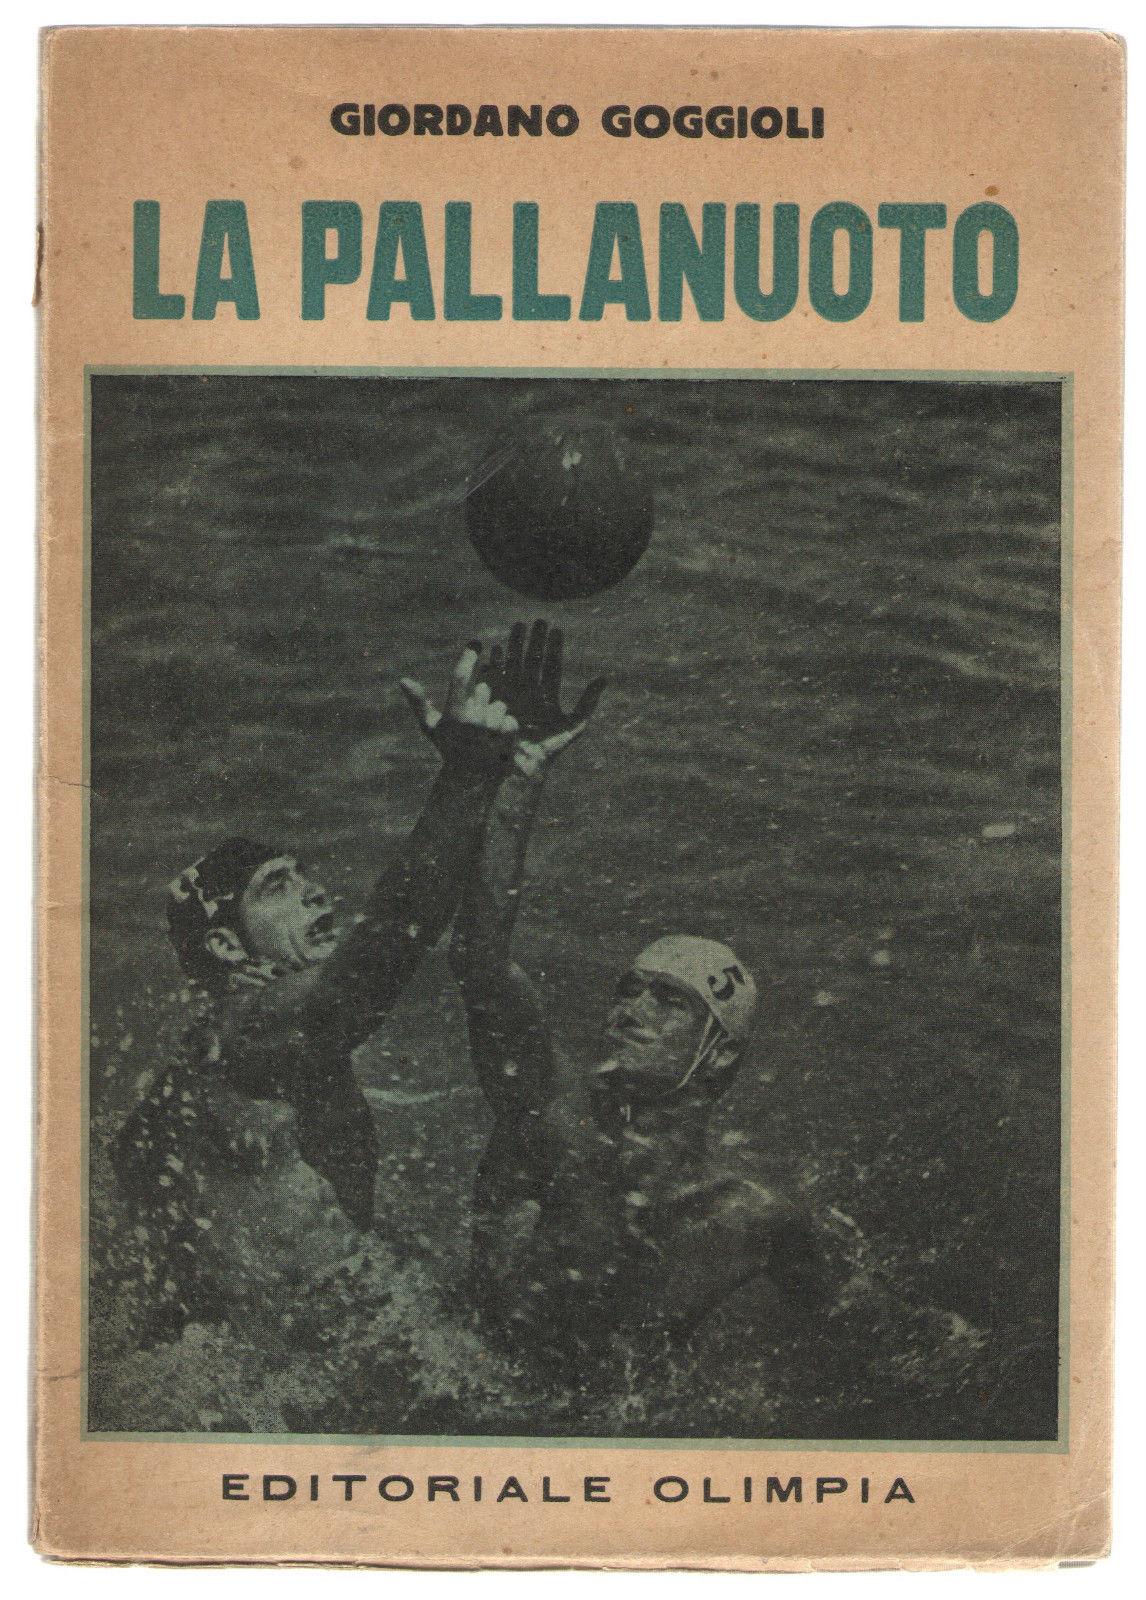 La pallanuoto